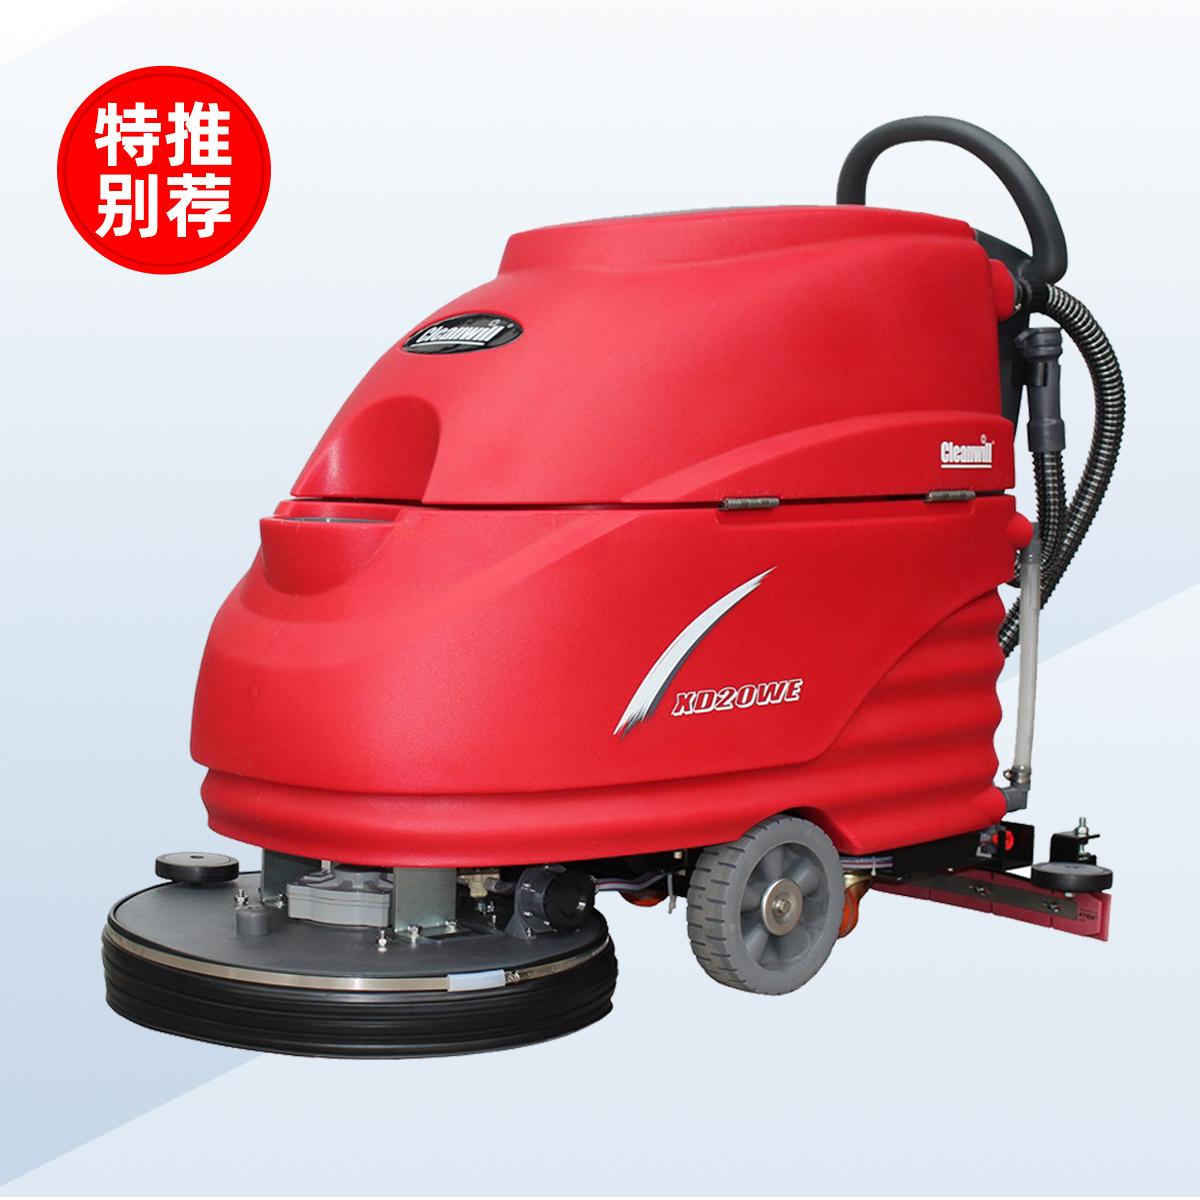 克力威XD20WE手推式洗地机